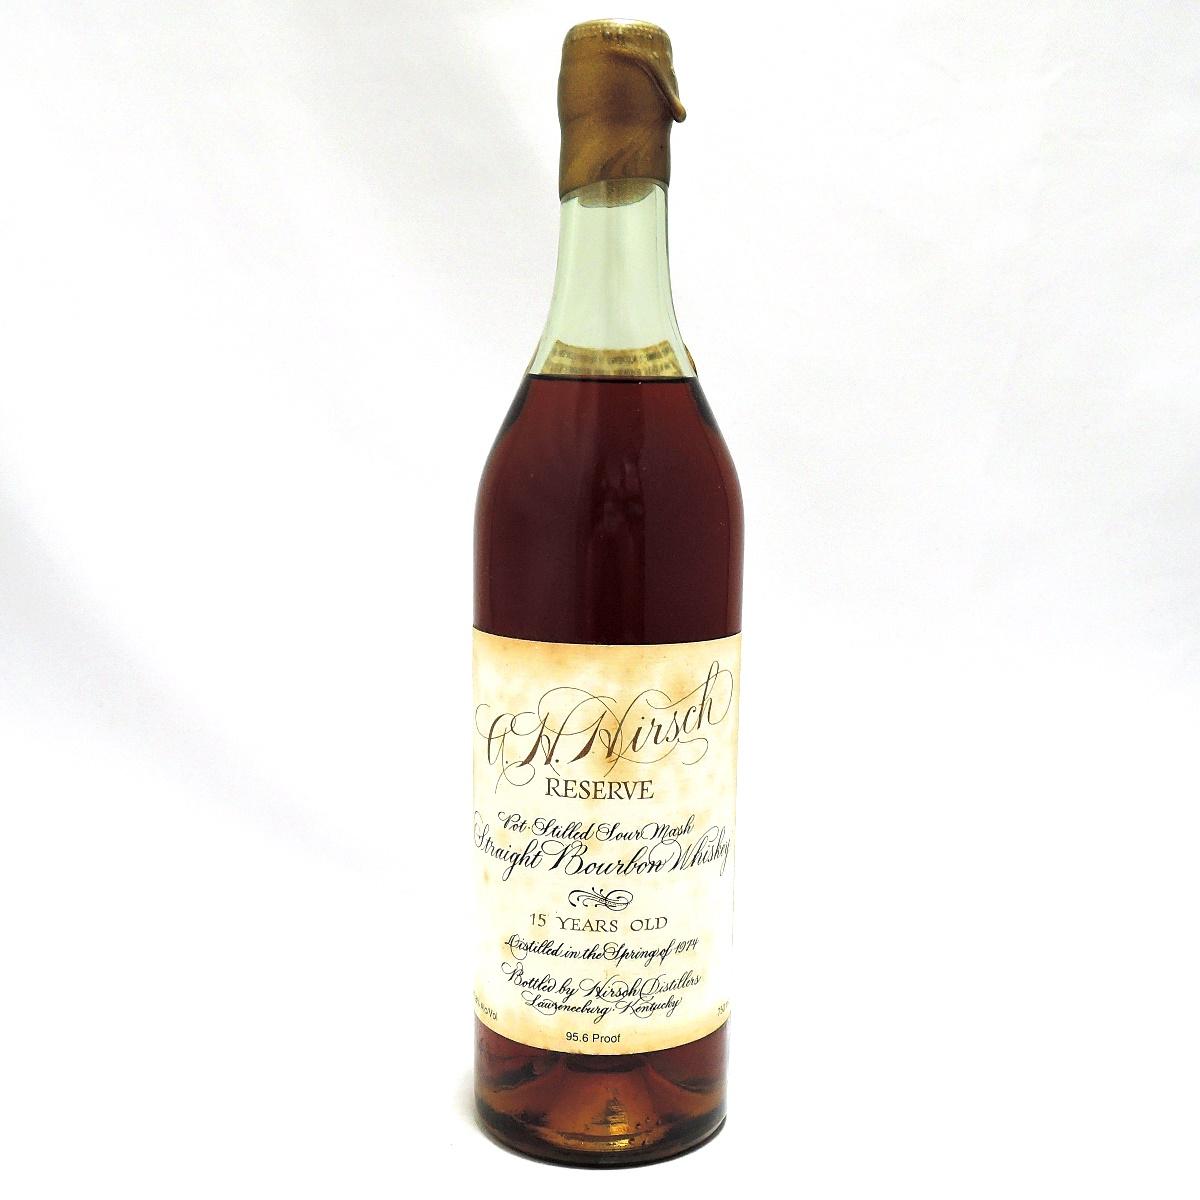 【中古】 古酒 ウイスキー バーボン ハーシュリザーブ 15年 HIRSCH RESERVE pot stilled straight bourbon whisky バーボン ウイスキー 750ml 47.8% FS 箱なし